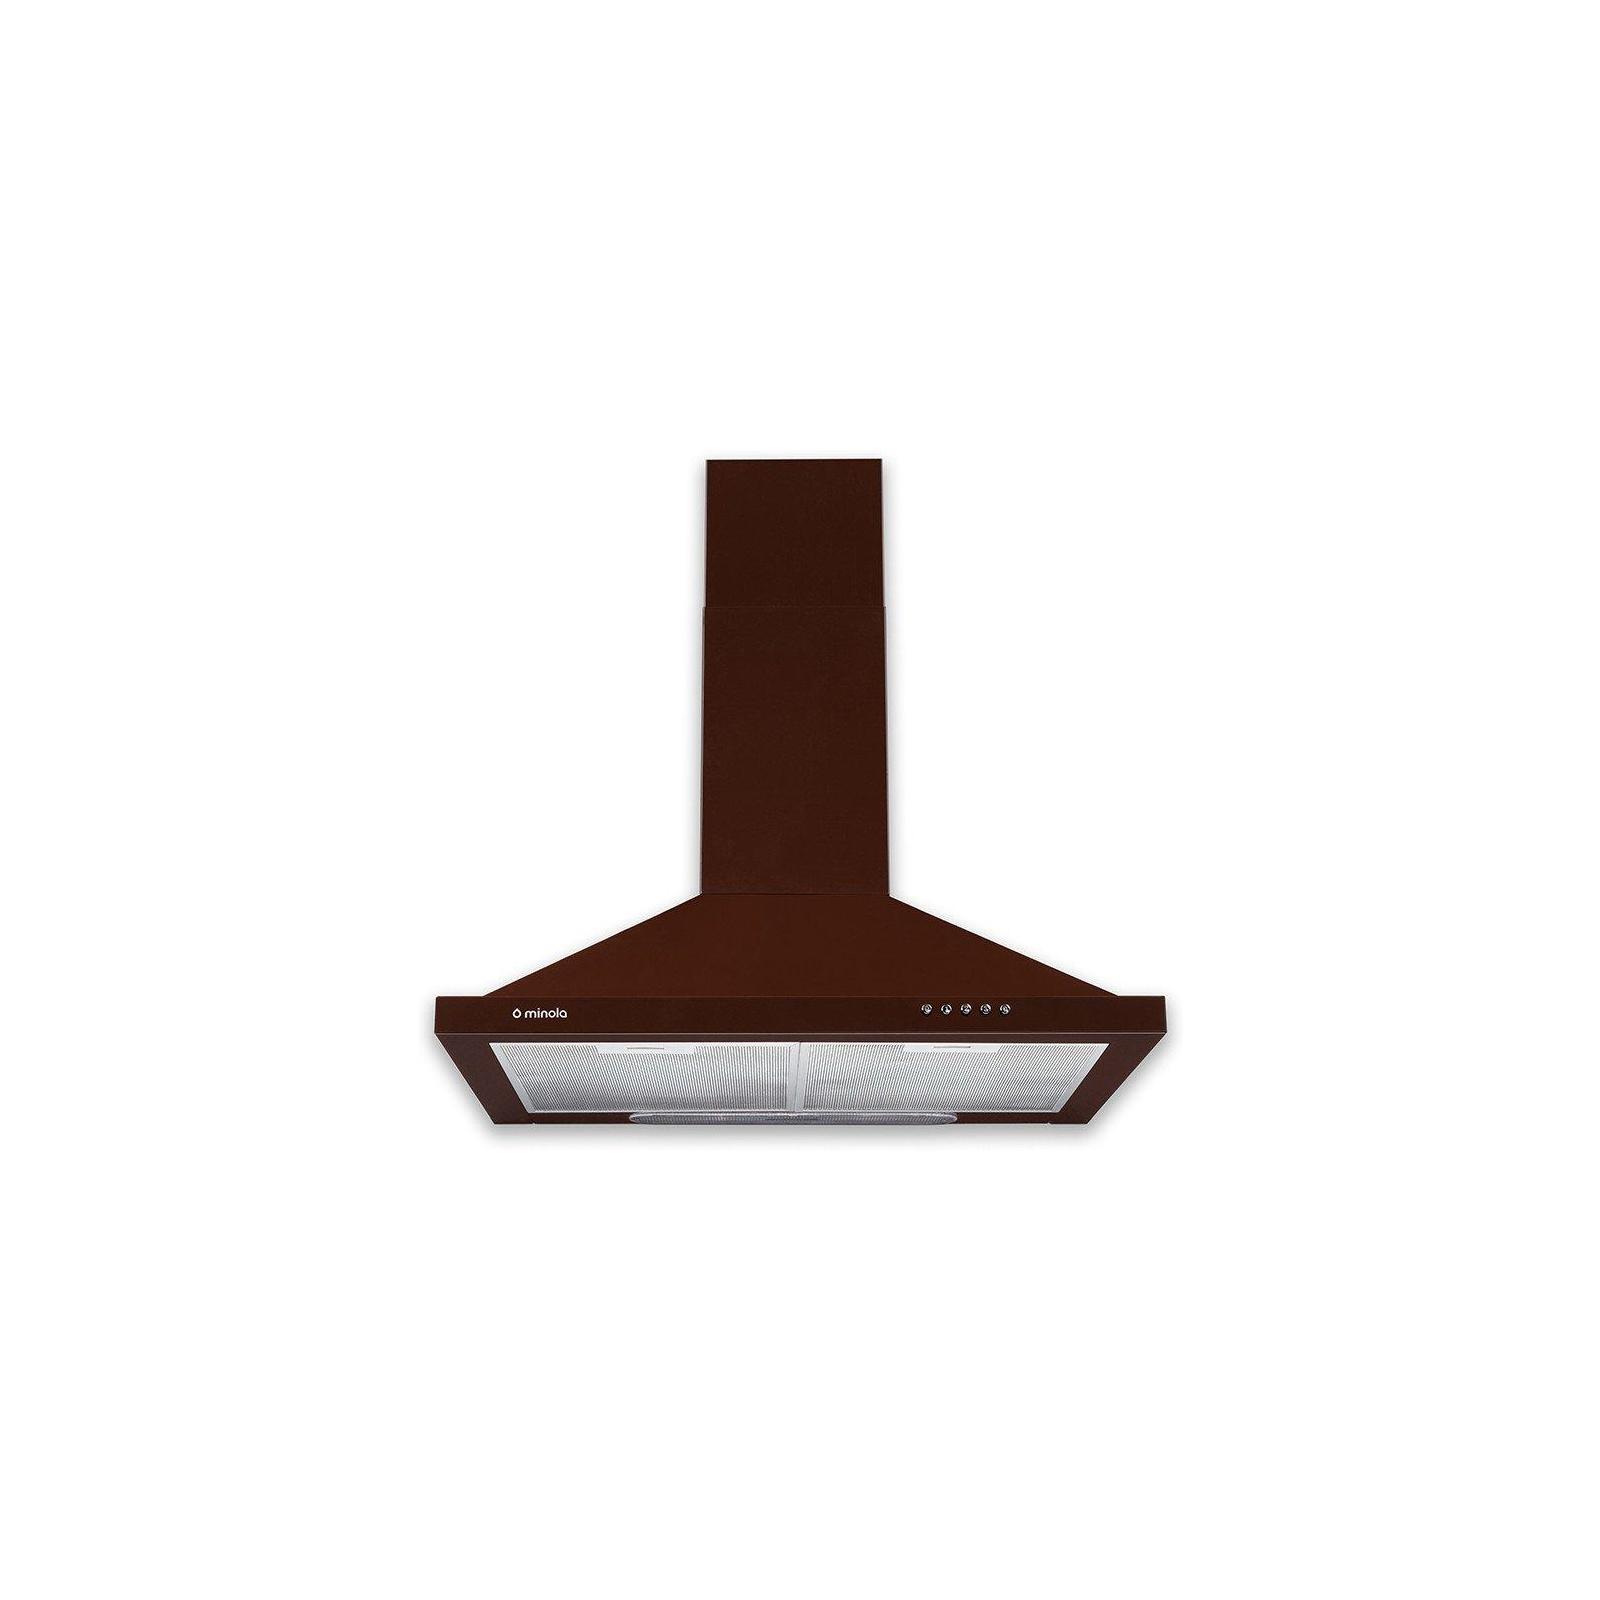 Вытяжка кухонная MINOLA HK 5210 BR 650 изображение 2